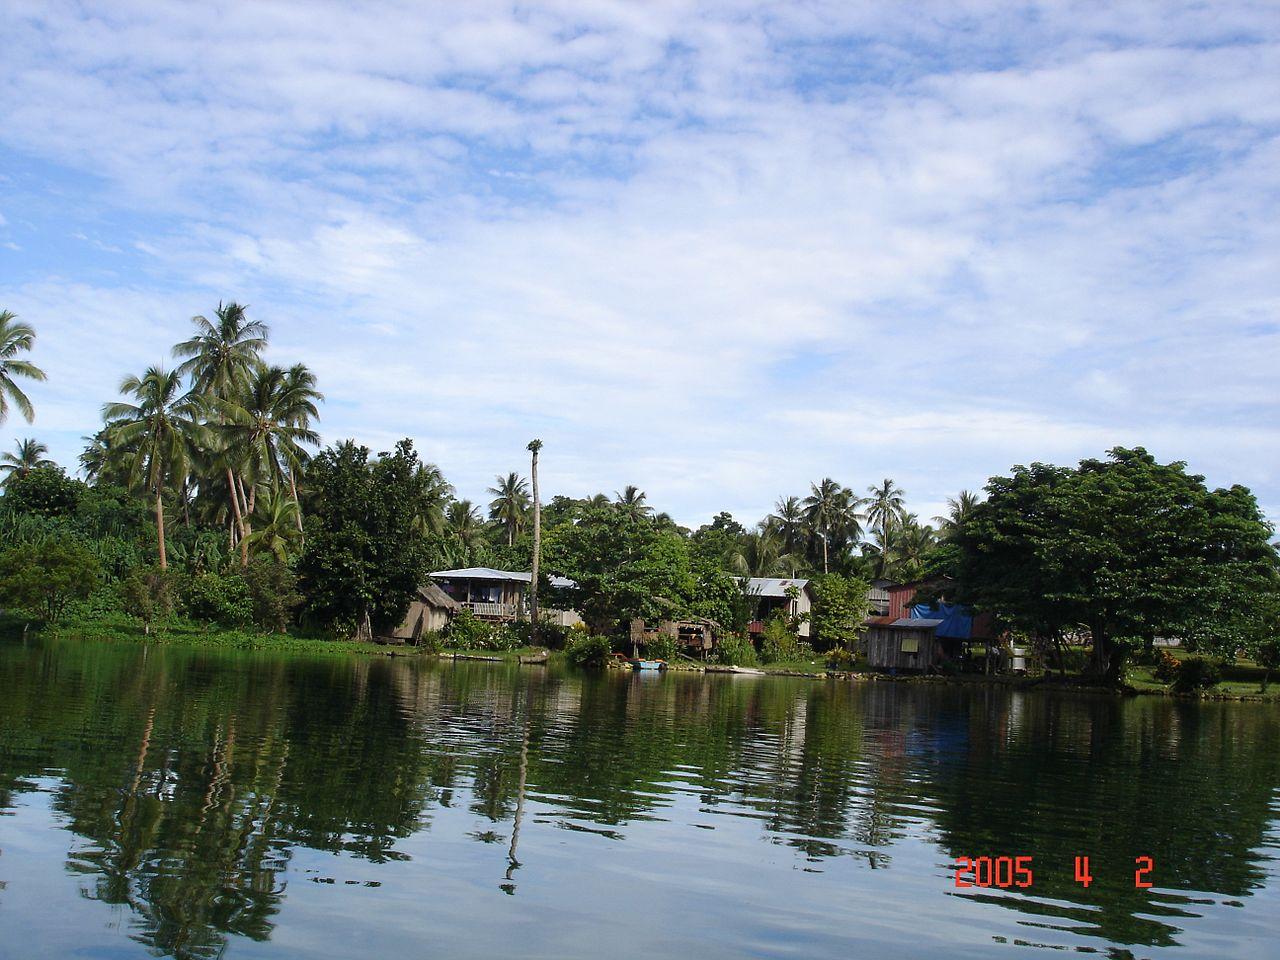 UNESCO mendeklarasikan Situs Warisan Dunia Rennell Timur pada tahun 1998.